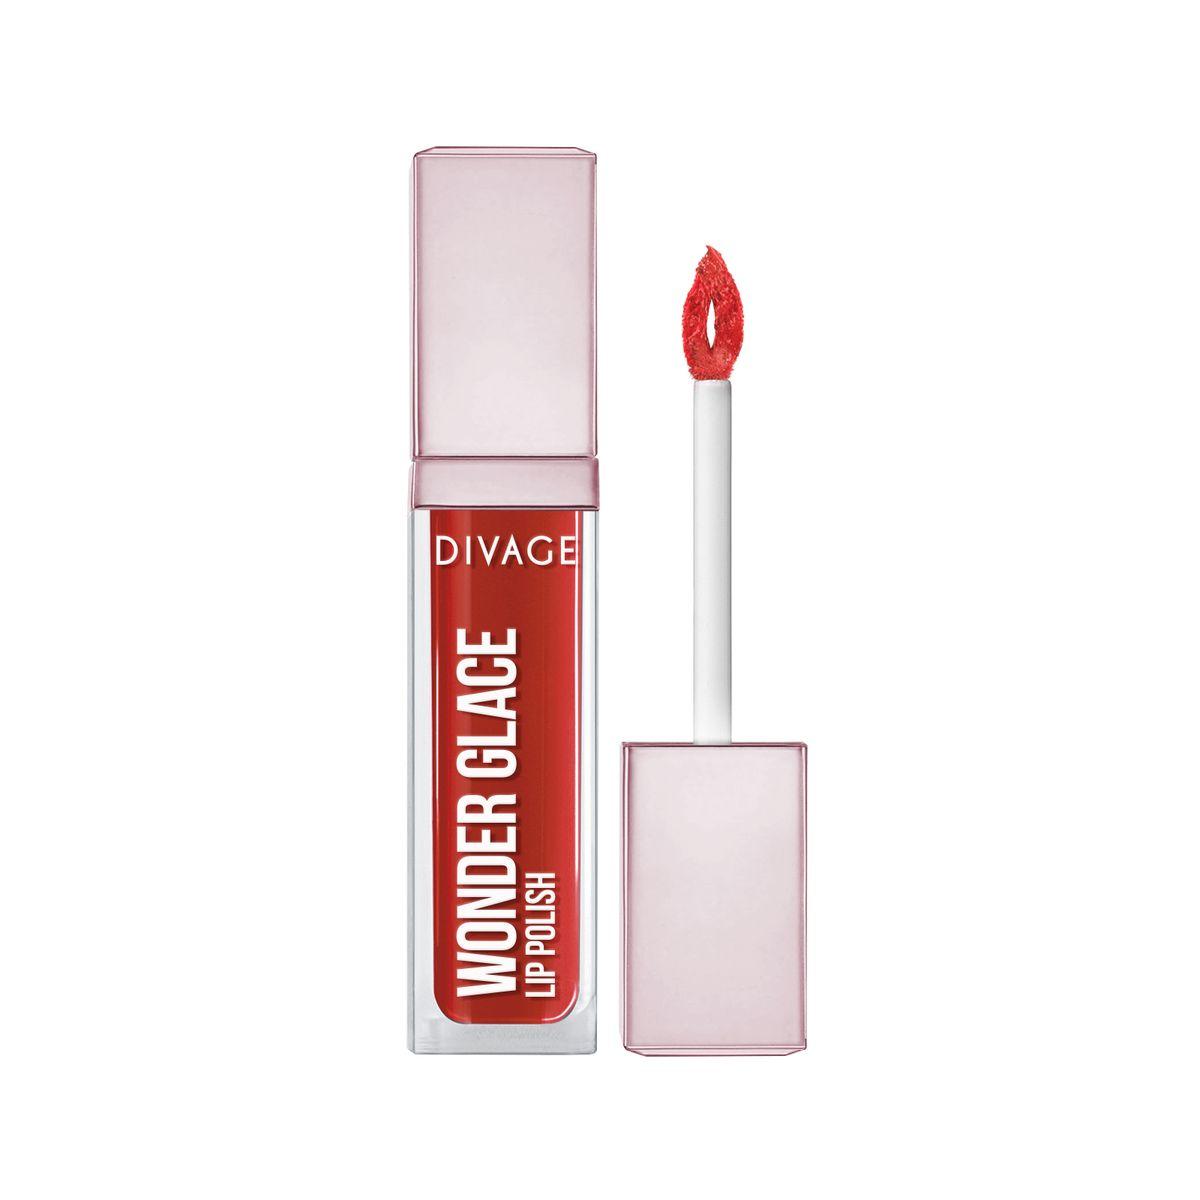 DIVAGE Лак для губ WONDER GLACE, тон № 06, 5 мл009325DIVAGE приготовил для тебя отличный подарок - лак для губ с инновационной формулой, которая придает глубокий и насыщенный цвет. Роскошное глянцевое сияние на твоих губах сделает макияж особенным и неповторимым. 8 самых актуальных оттенков, чтобы ты могла выглядеть ярко и привлекательно в любой ситуации. Особая форма аппликатора позволяет идеально прокрашивать губы и делает нанесение более комфортным. Лак не только смотрится ярко, но и увлажняет и защищает твои губы. Будь самой неповторимой этой весной и восхищай всех роскошным блеском и невероятно насыщенным цветом с лаком для губ «WONDER GLACE» от DIVAGE!